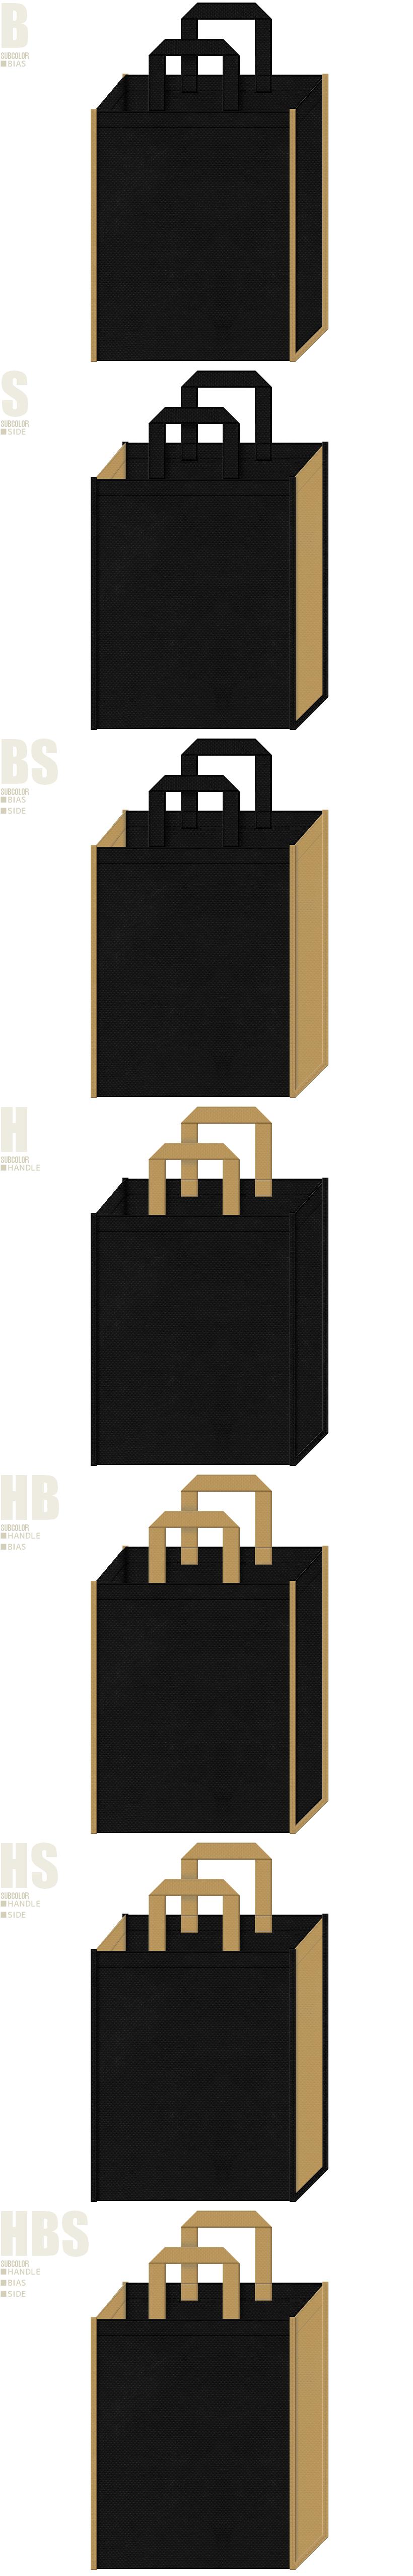 襖・額縁・書道・焼酎・ゲーム・大名・印籠・戦国・お城イベントにお奨めの不織布バッグデザイン:黒色と金黄土色の配色7パターン。